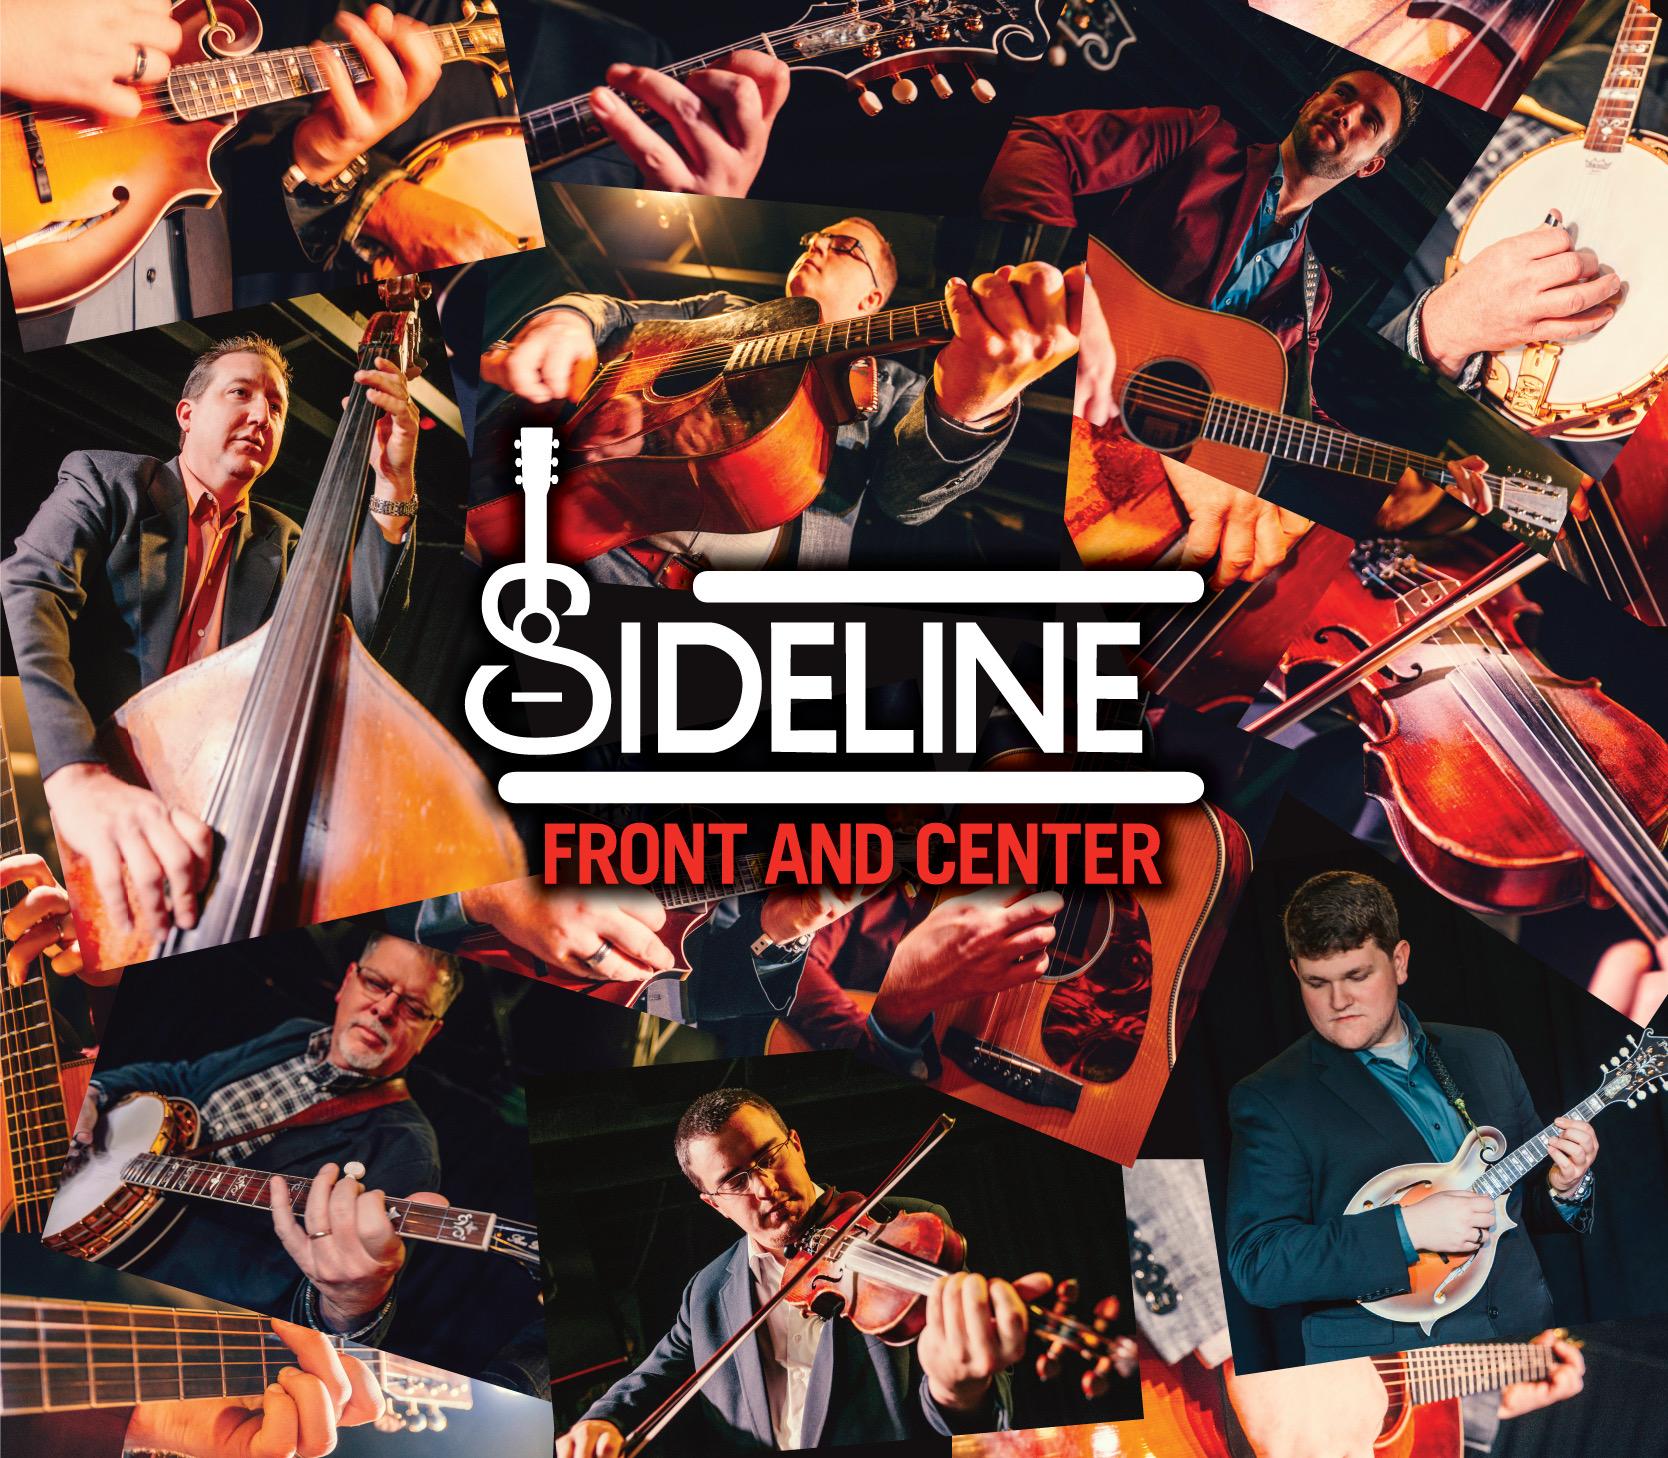 Sideline.jpg